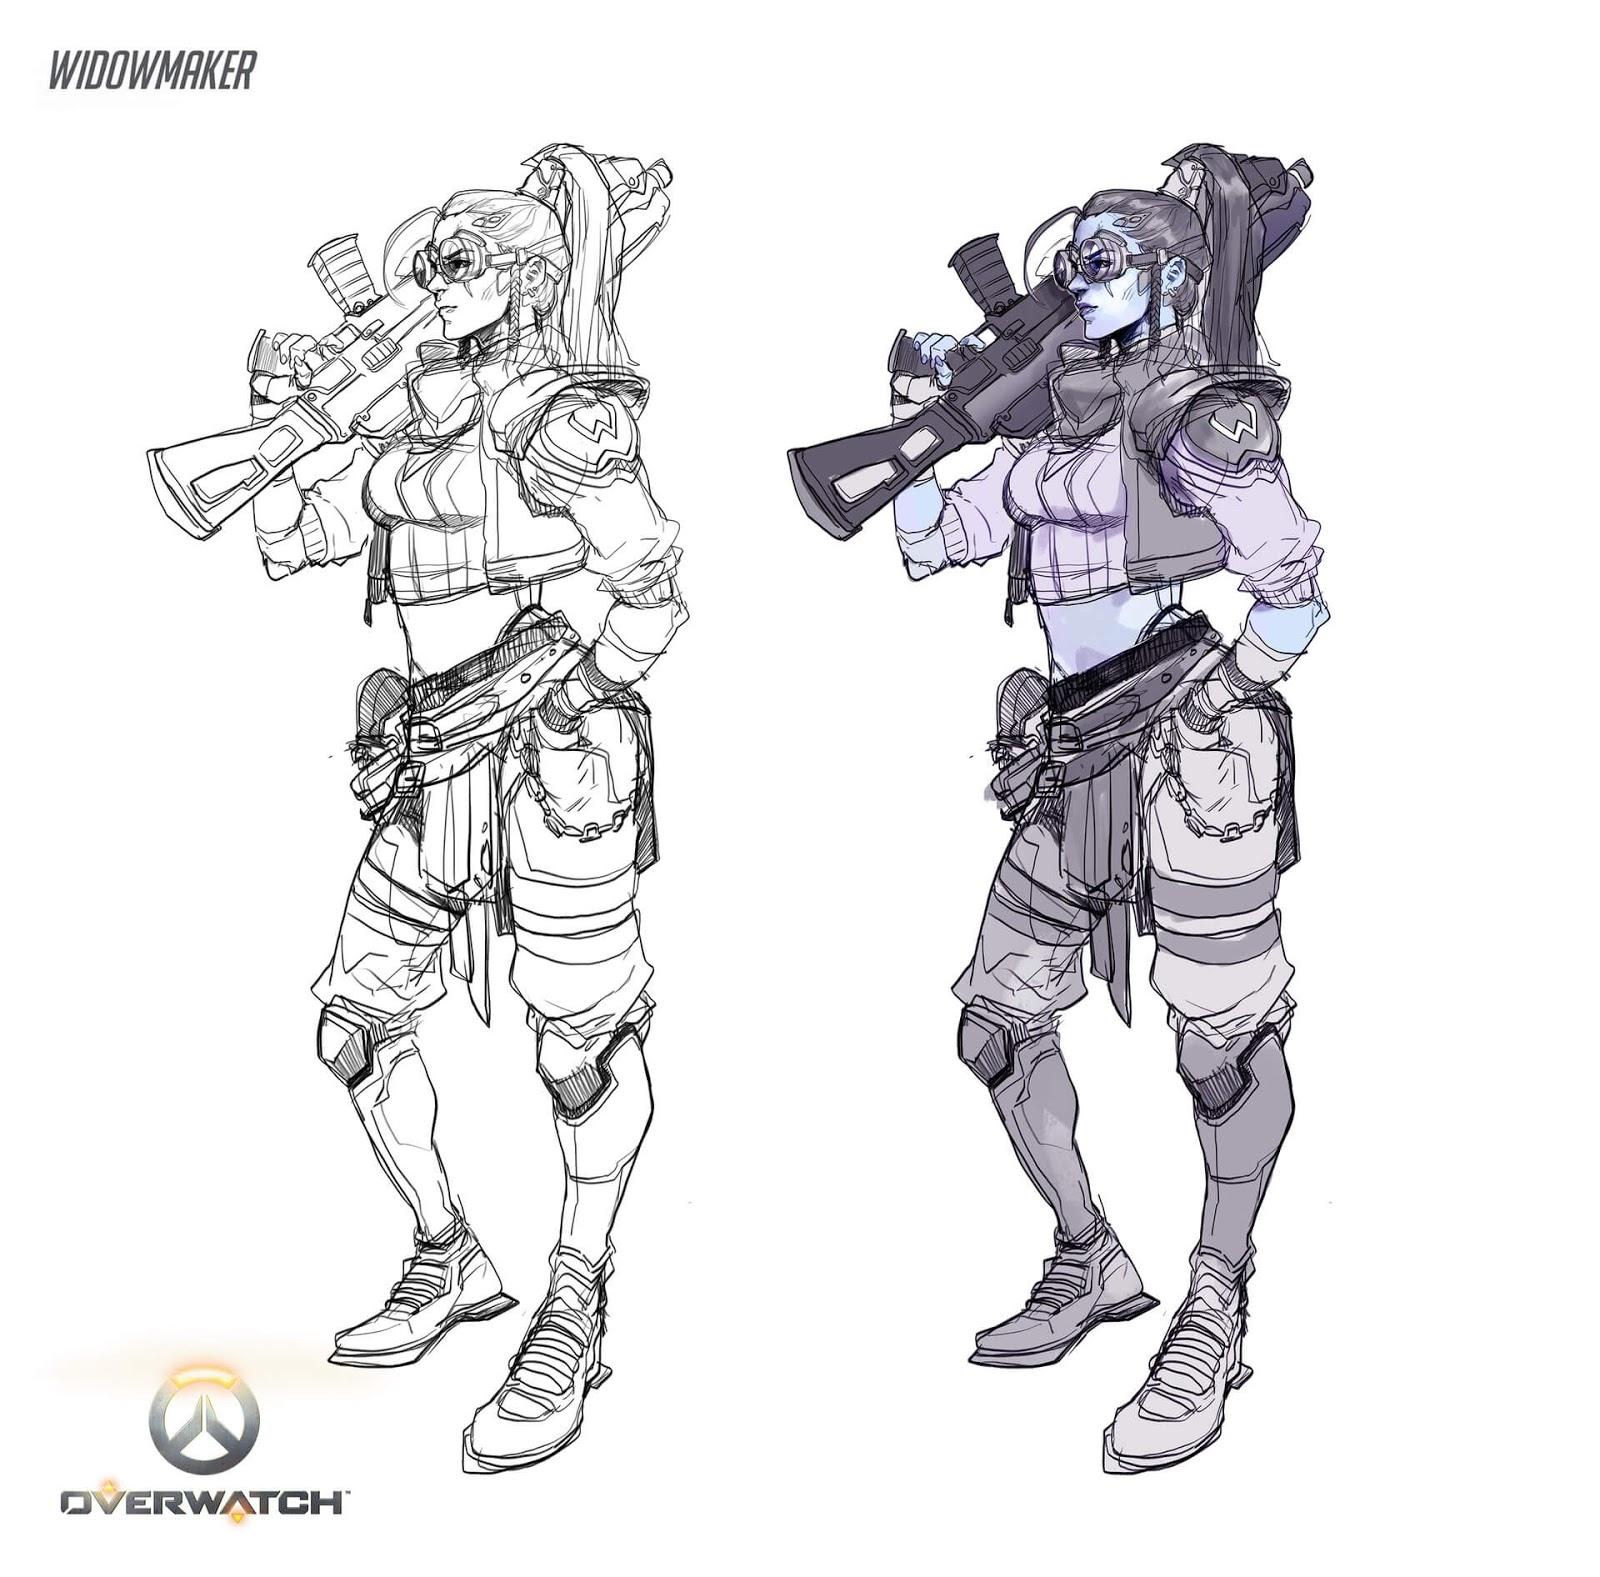 Gunner Widowmaker by Hicham Habchi